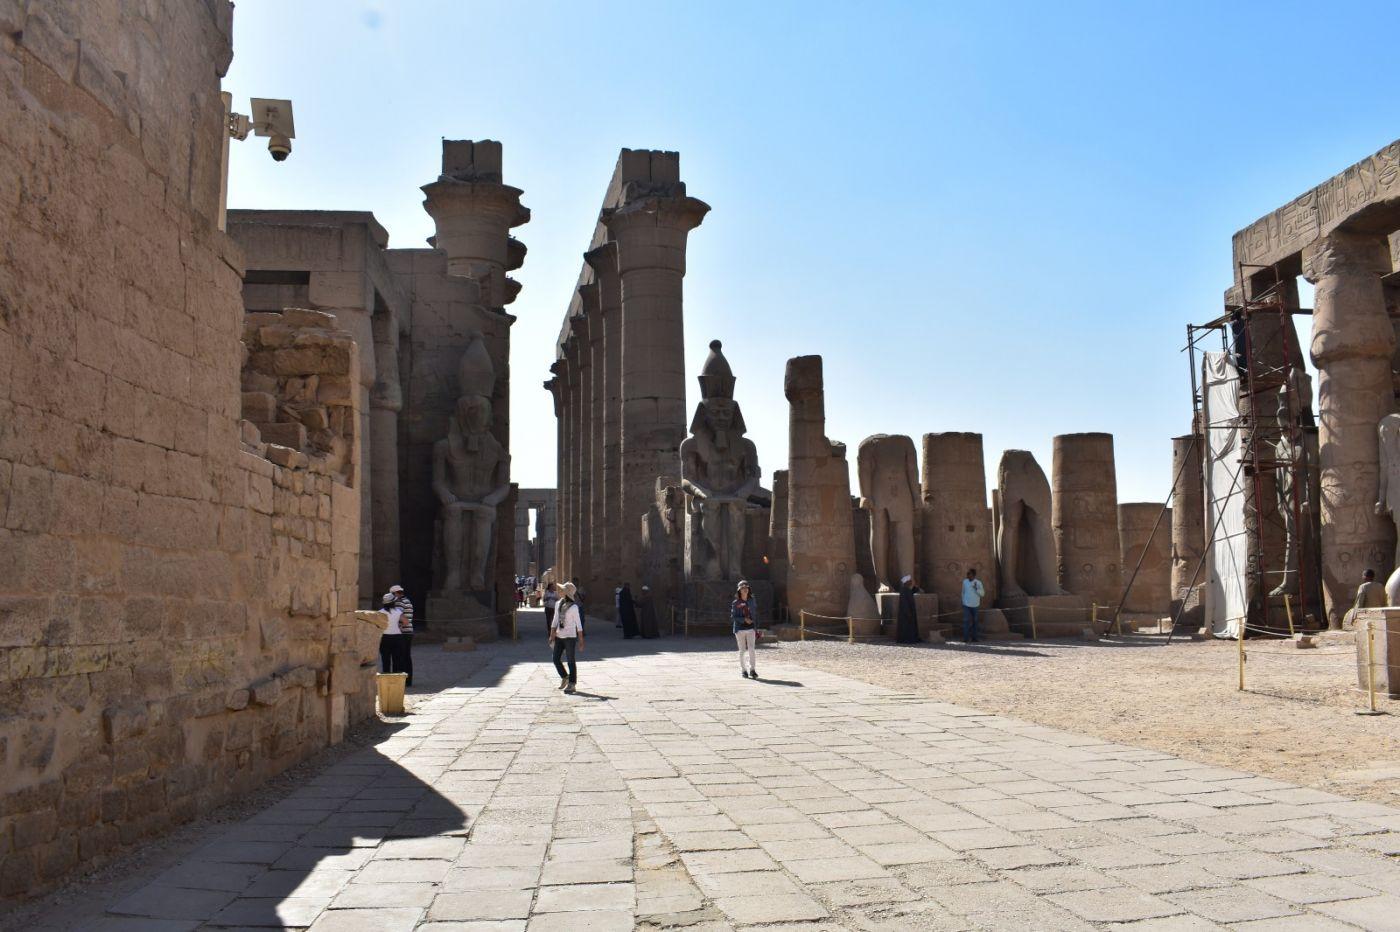 埃德富神庙和卢克索神庙_图1-26